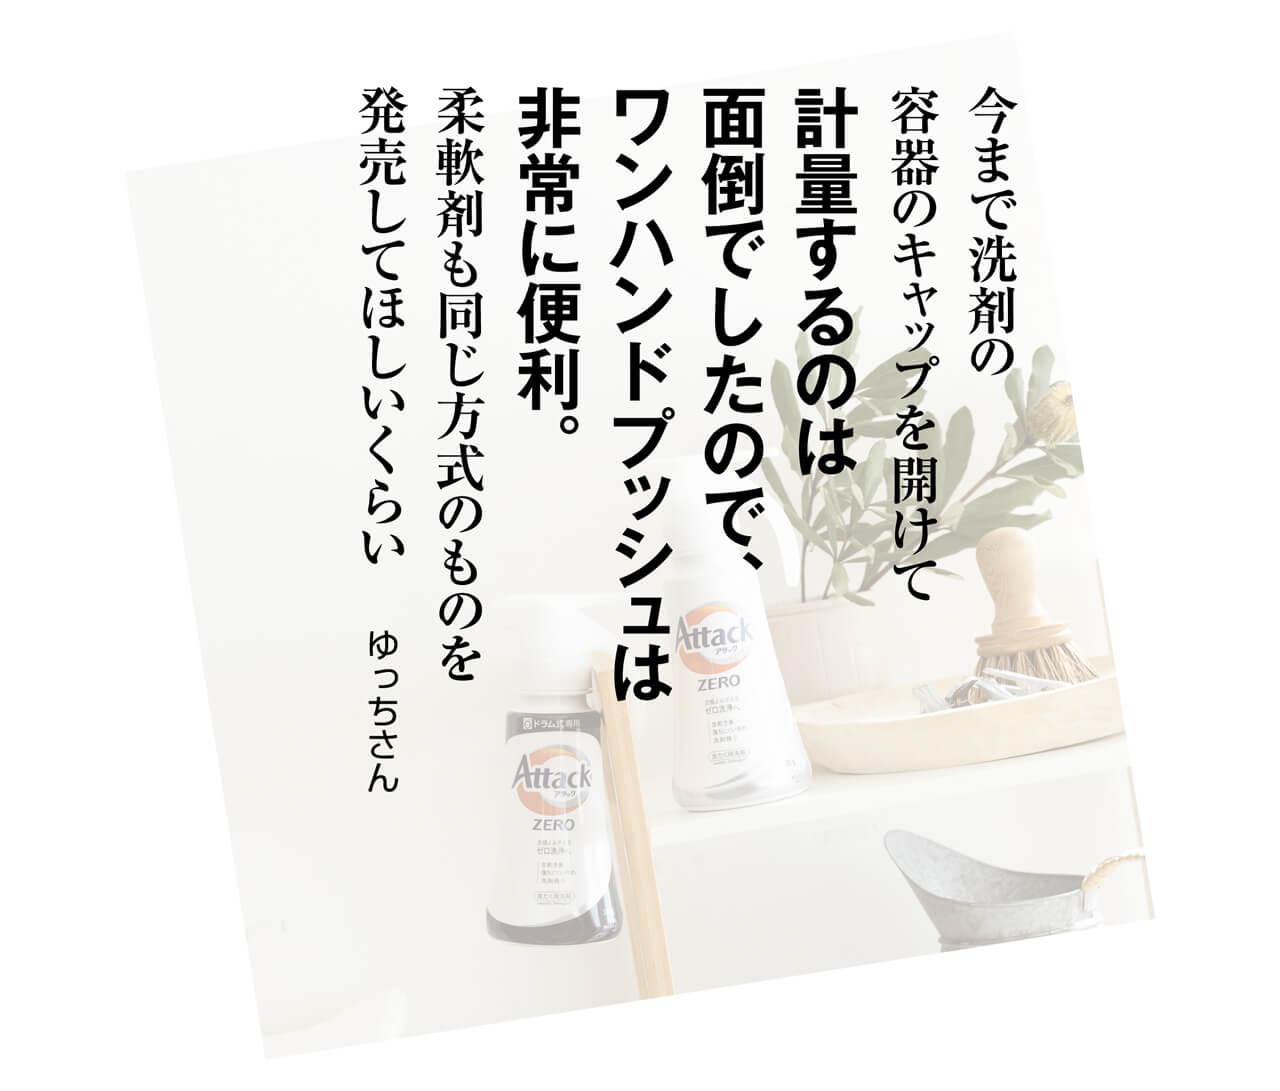 今まで洗剤の容器のキャップを開けて計量するのは面倒でしたので、ワンハンドプッシュは非常に便利。柔軟剤も同じ方式のものを発売してほしいくらい ゆっちさん